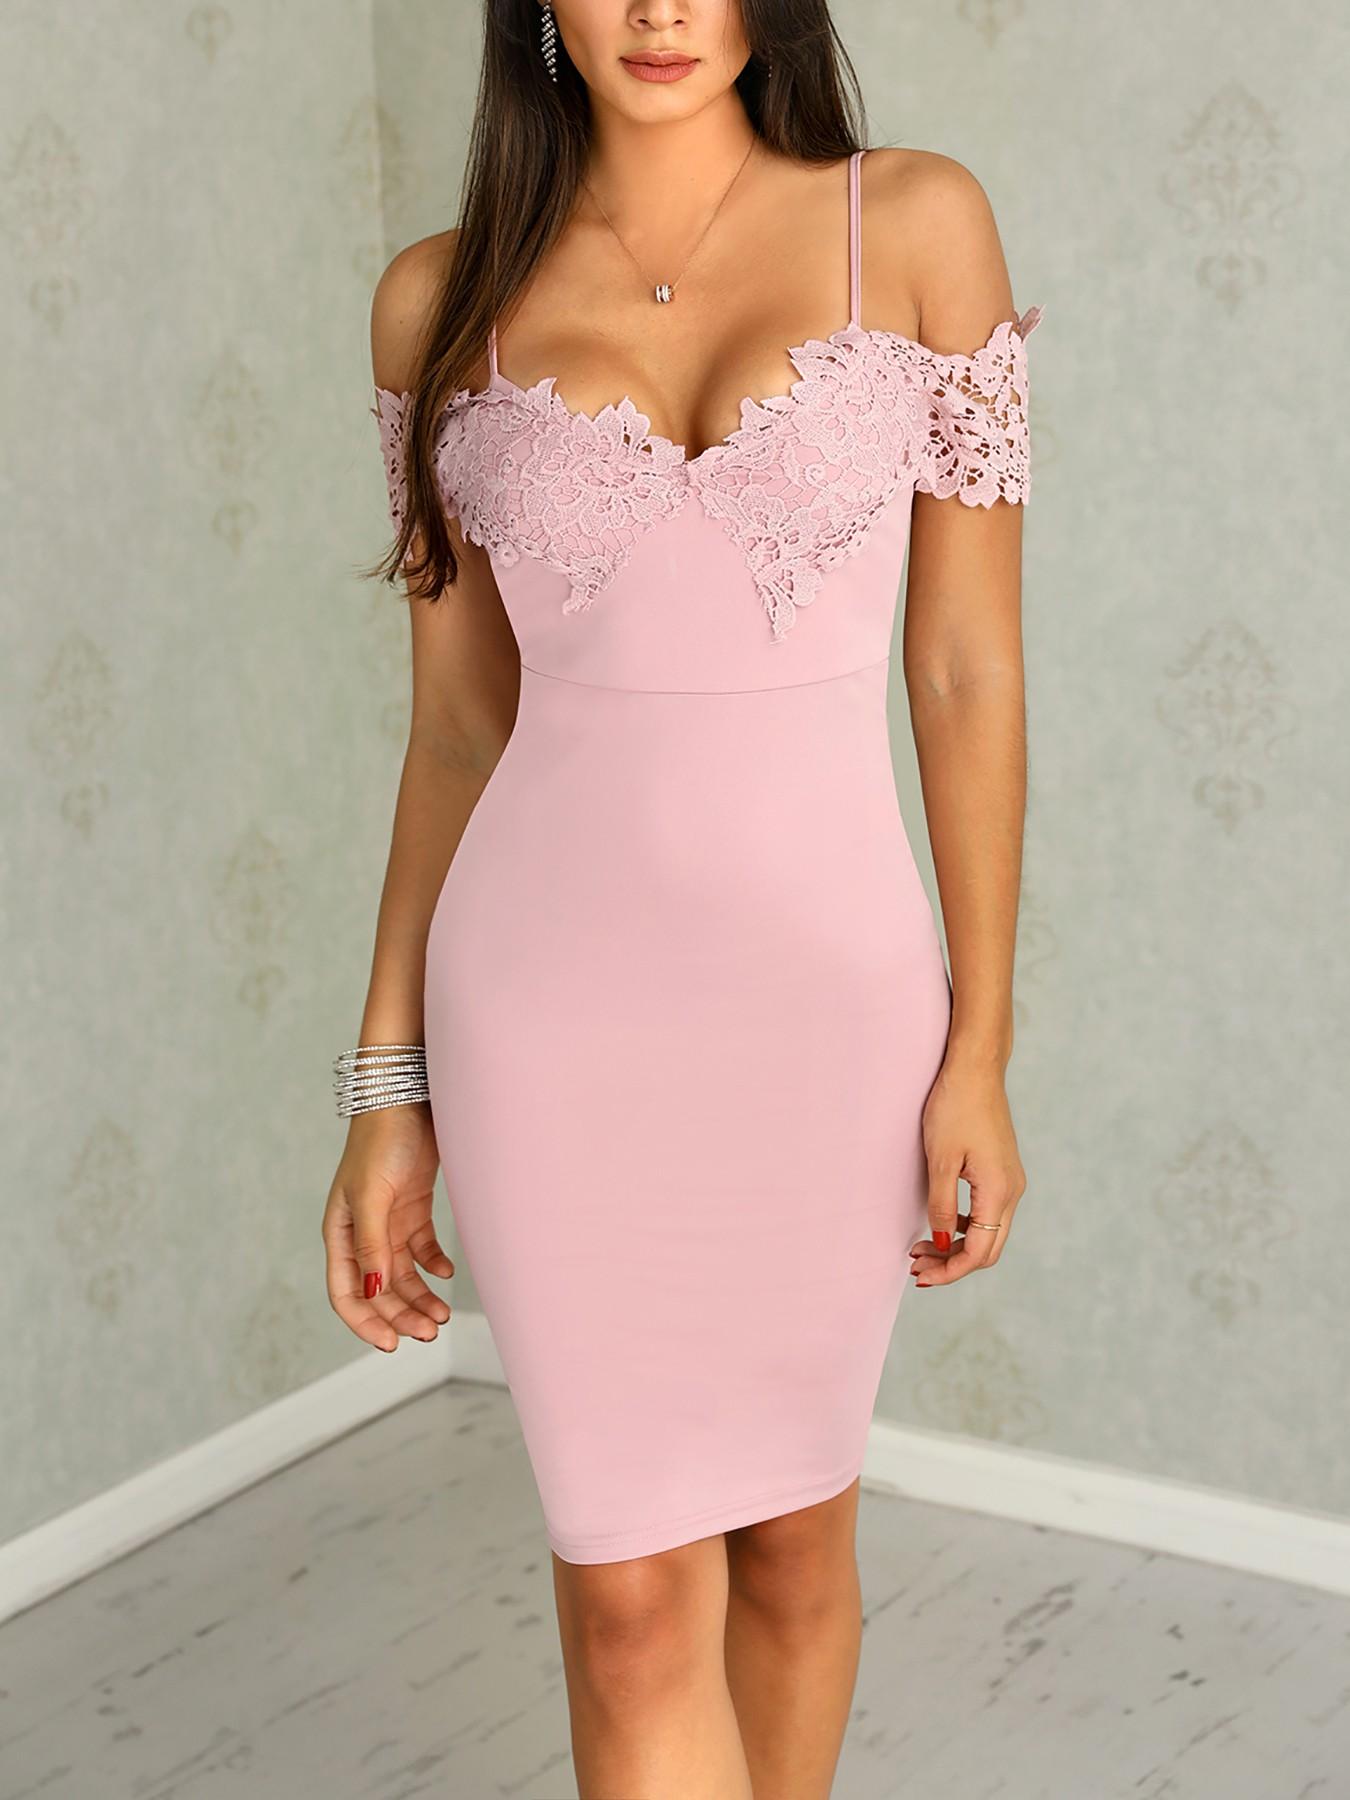 boutiquefeel / Crochet Lace Insert Spaghetti Strap Midi Dress